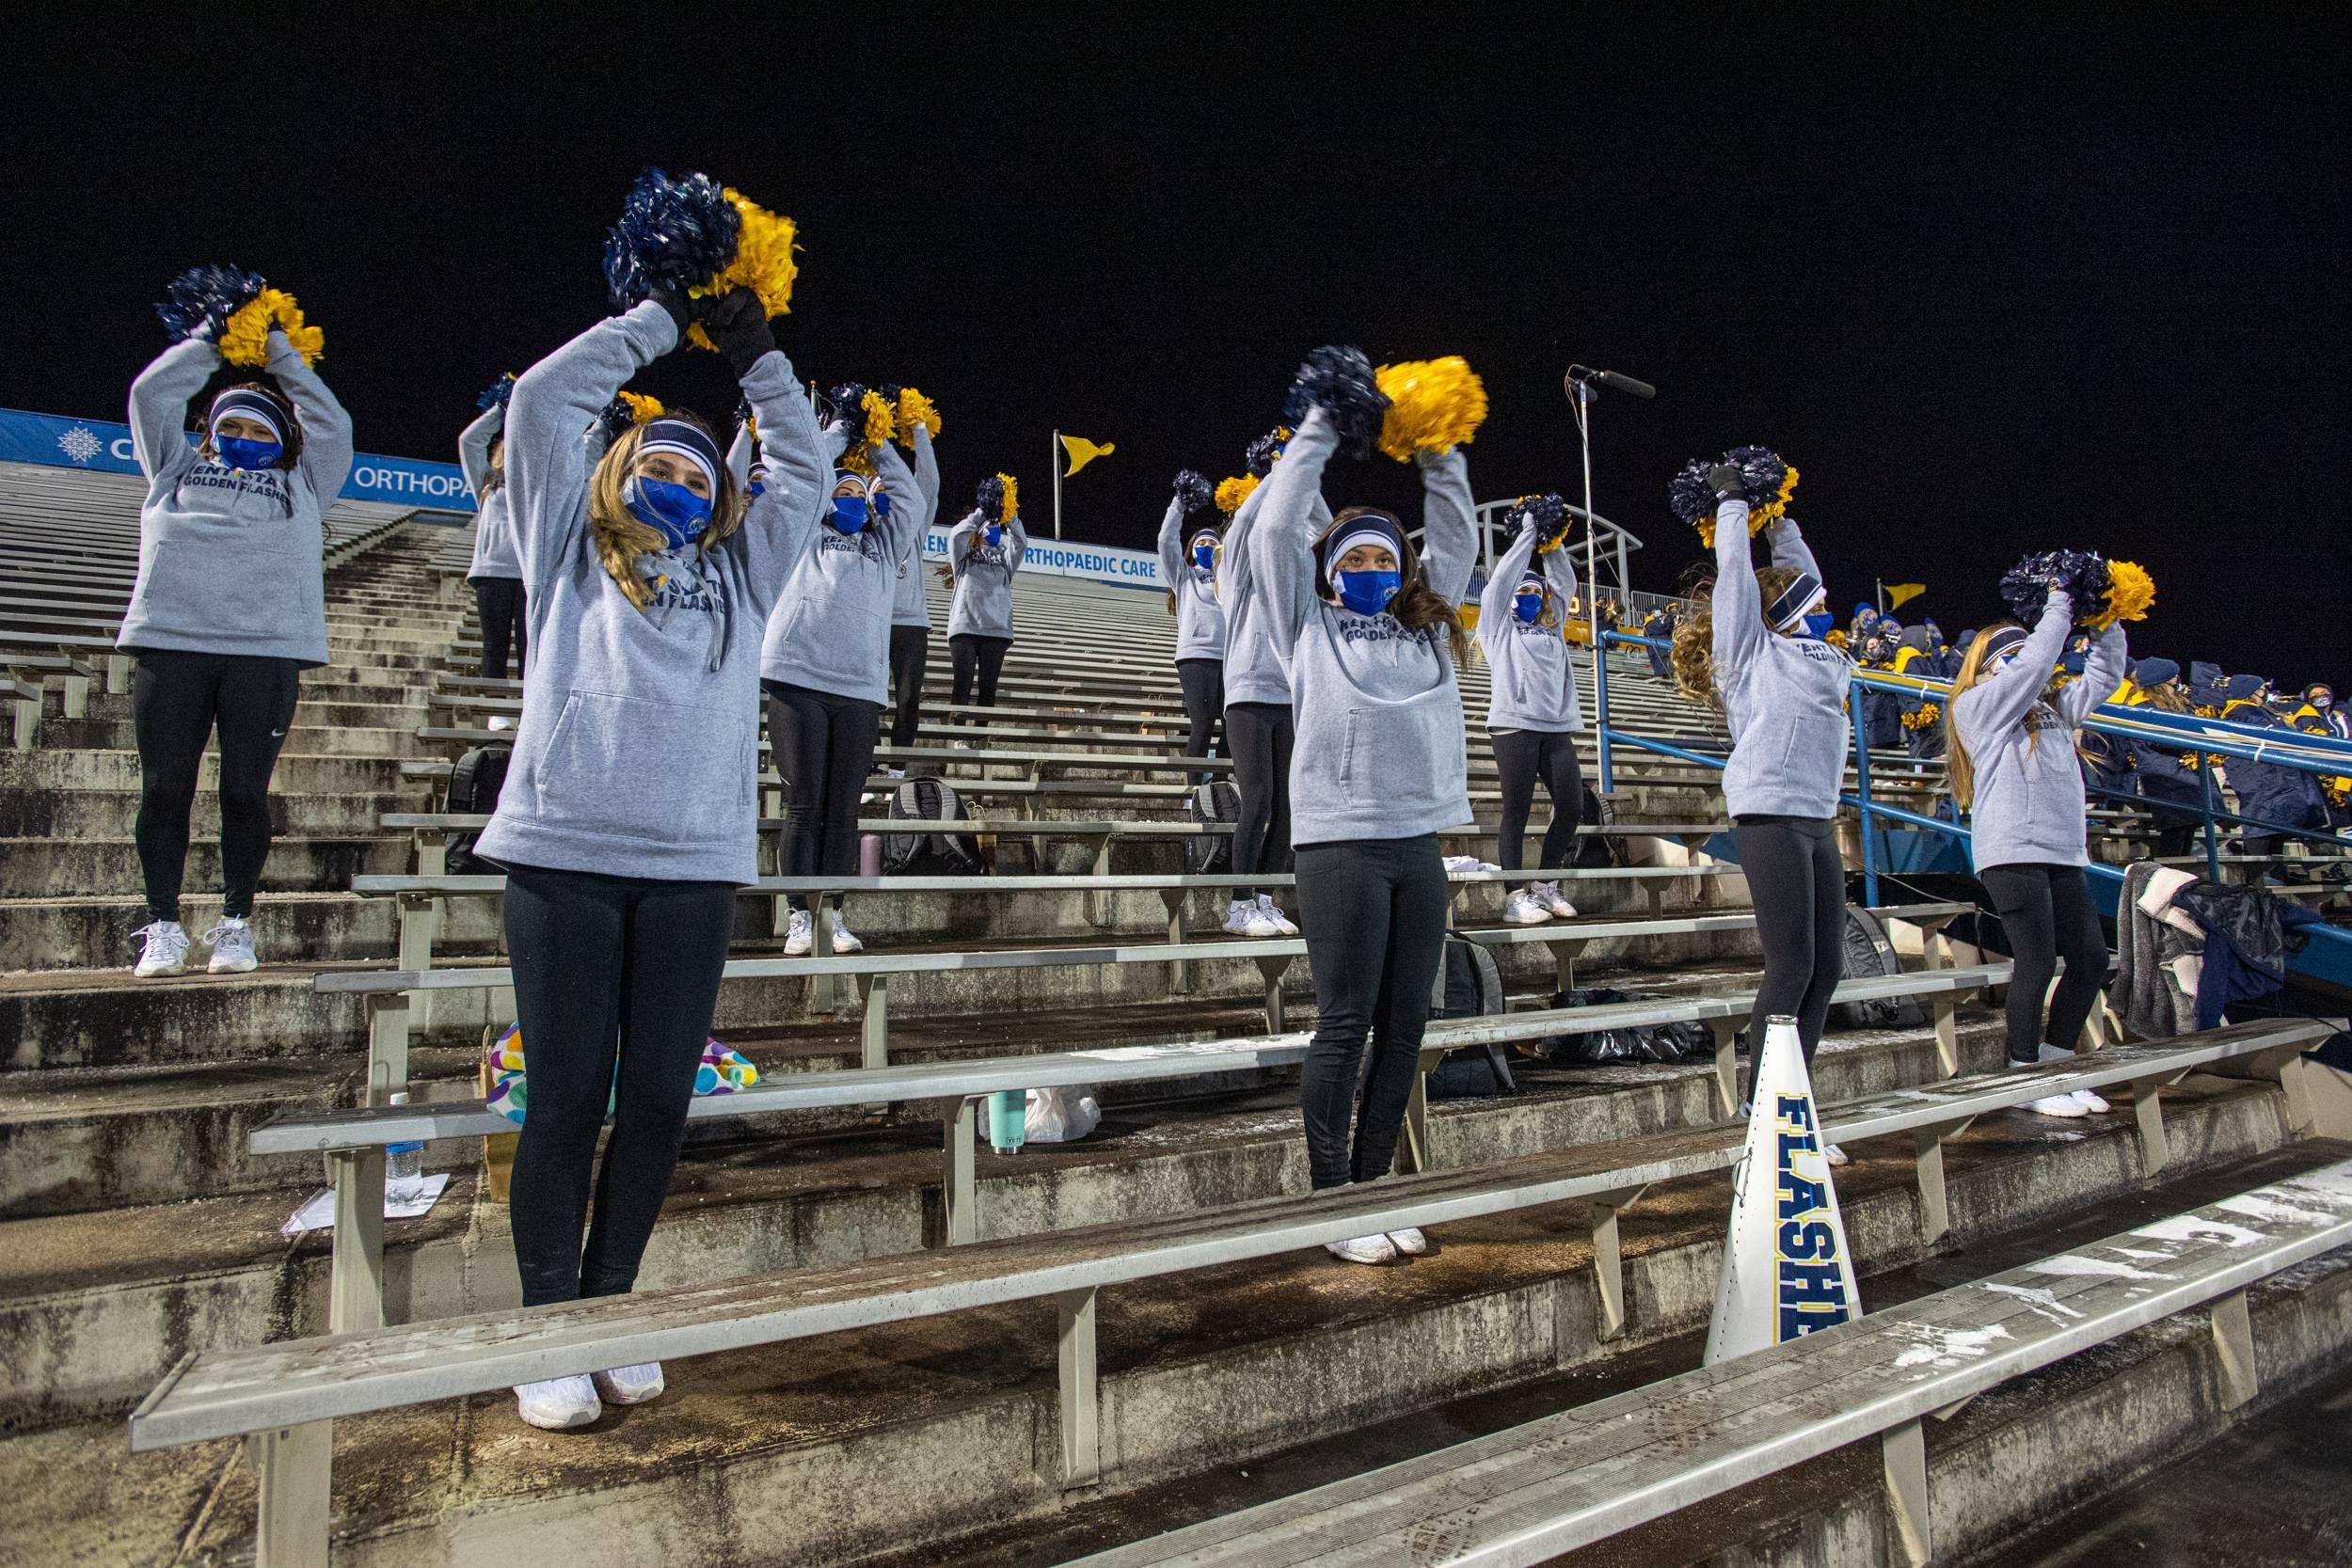 Kent cheerleaders